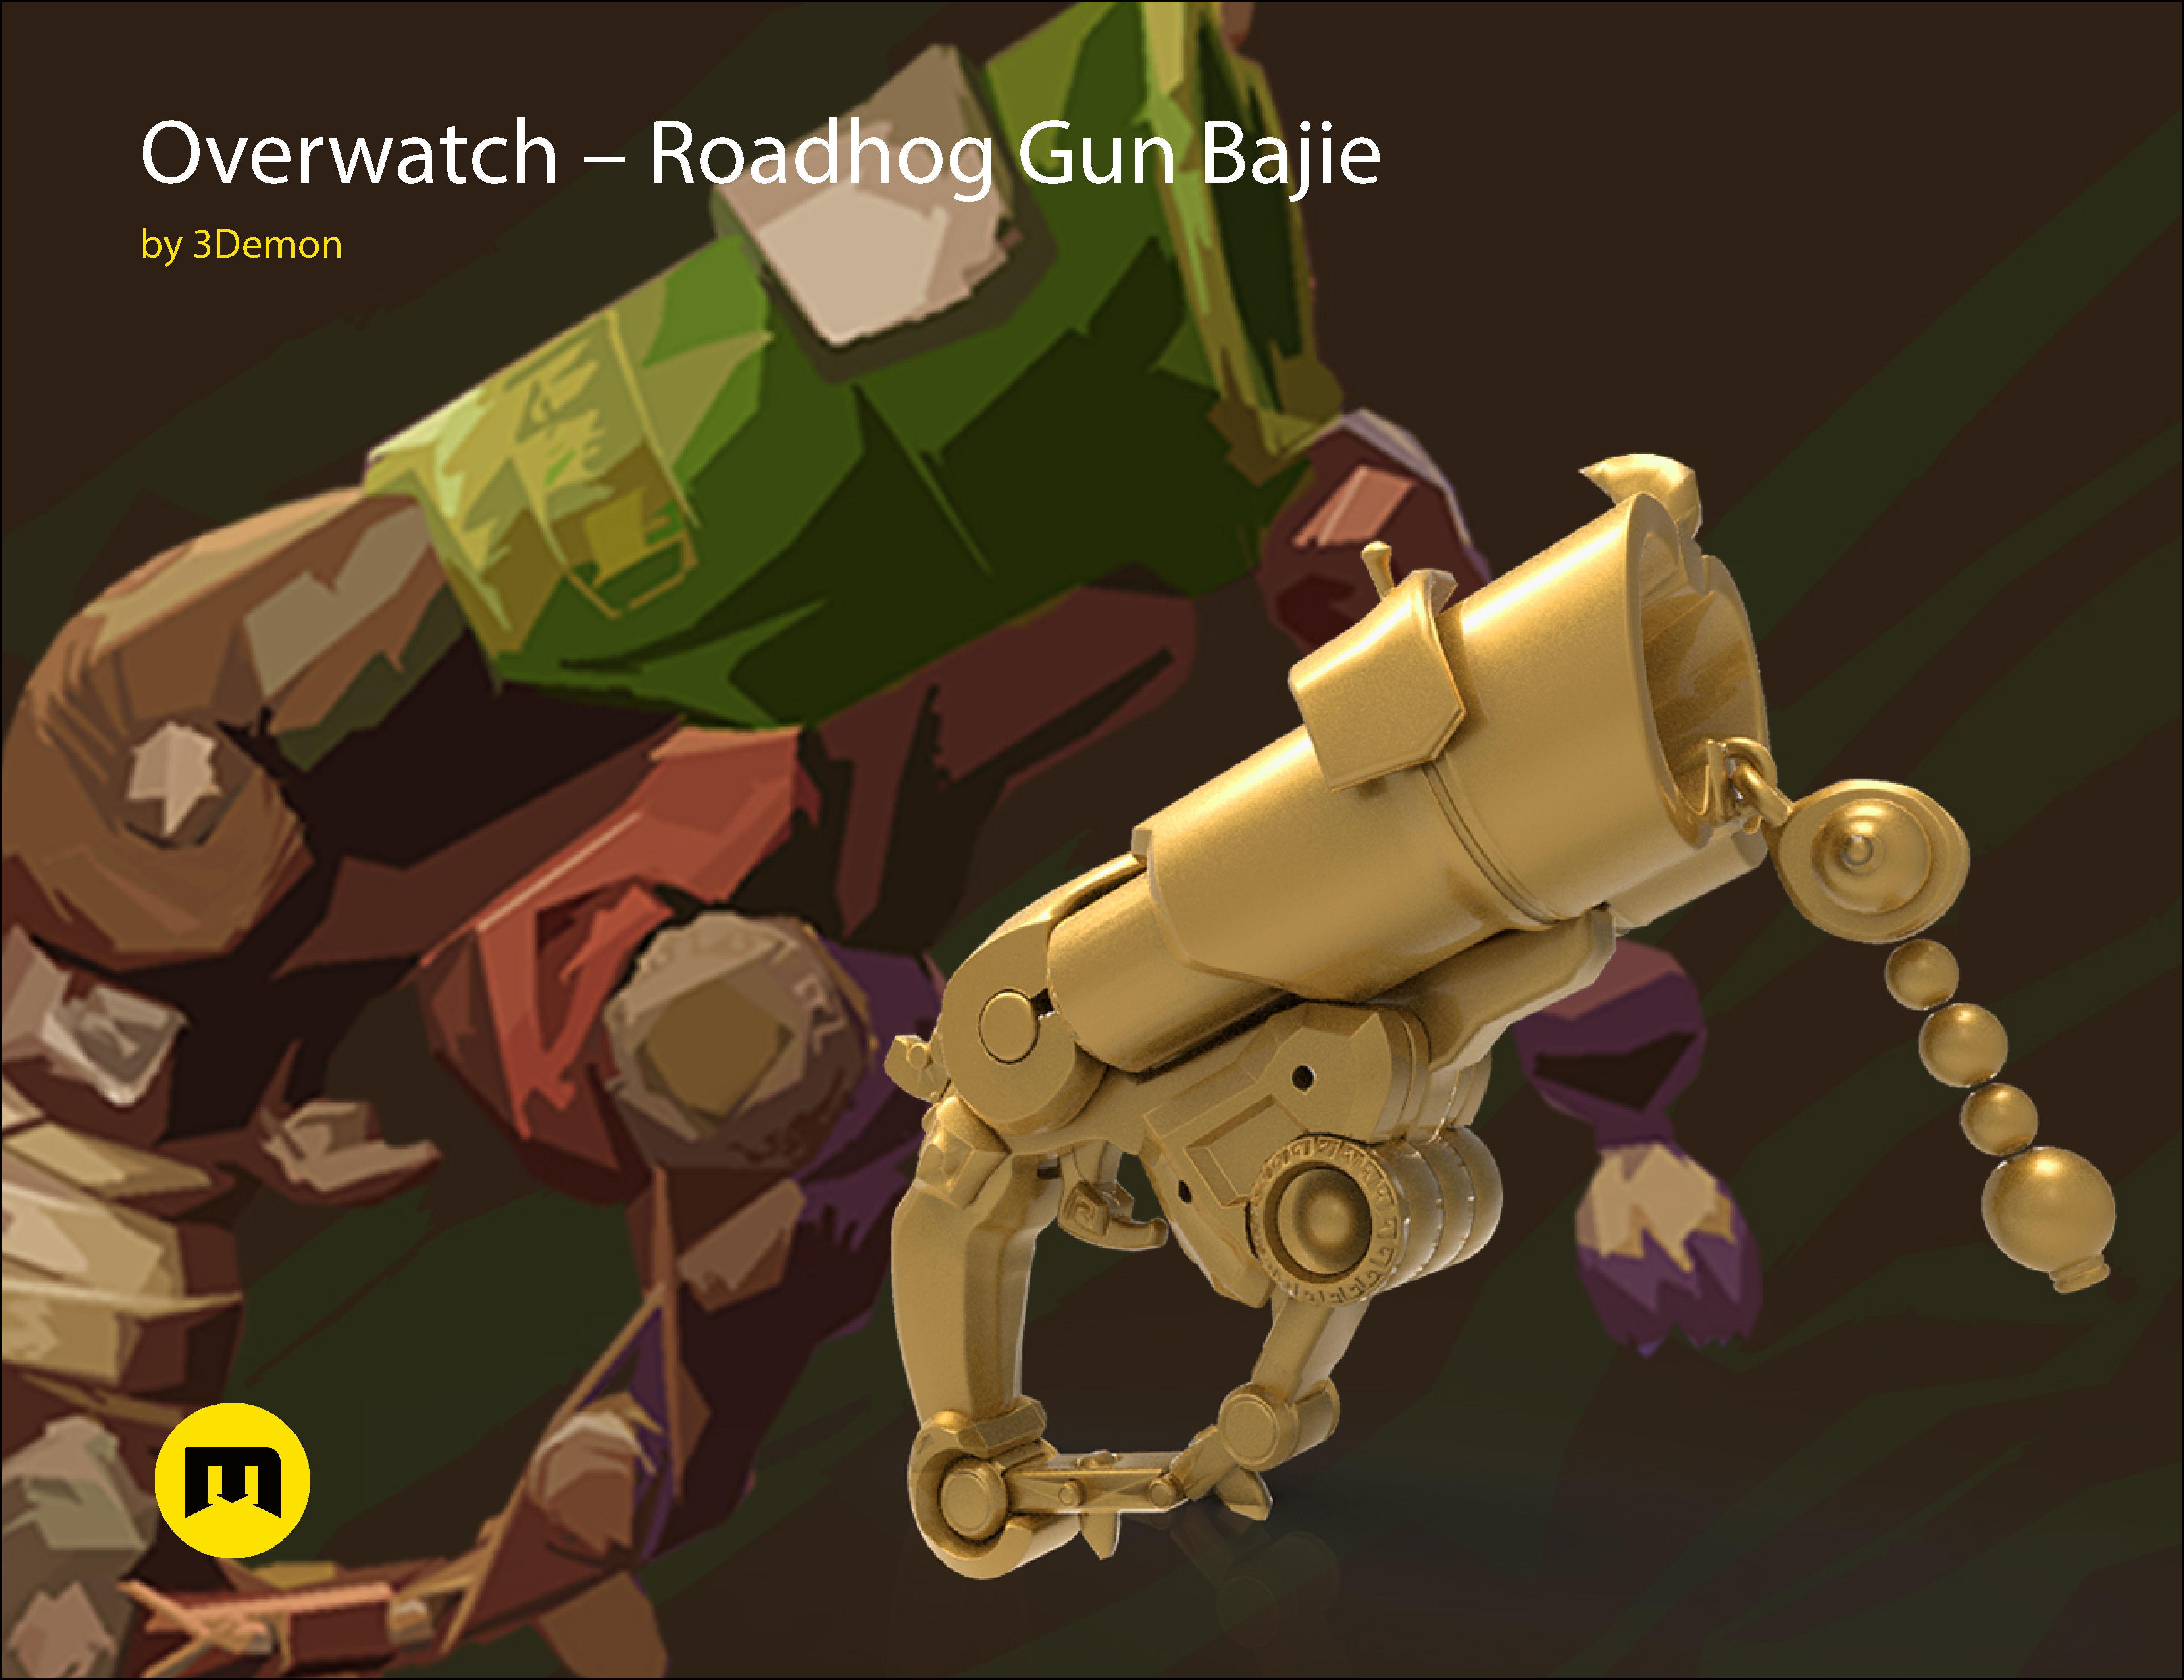 Overwatch Roadhog Gun Bajie